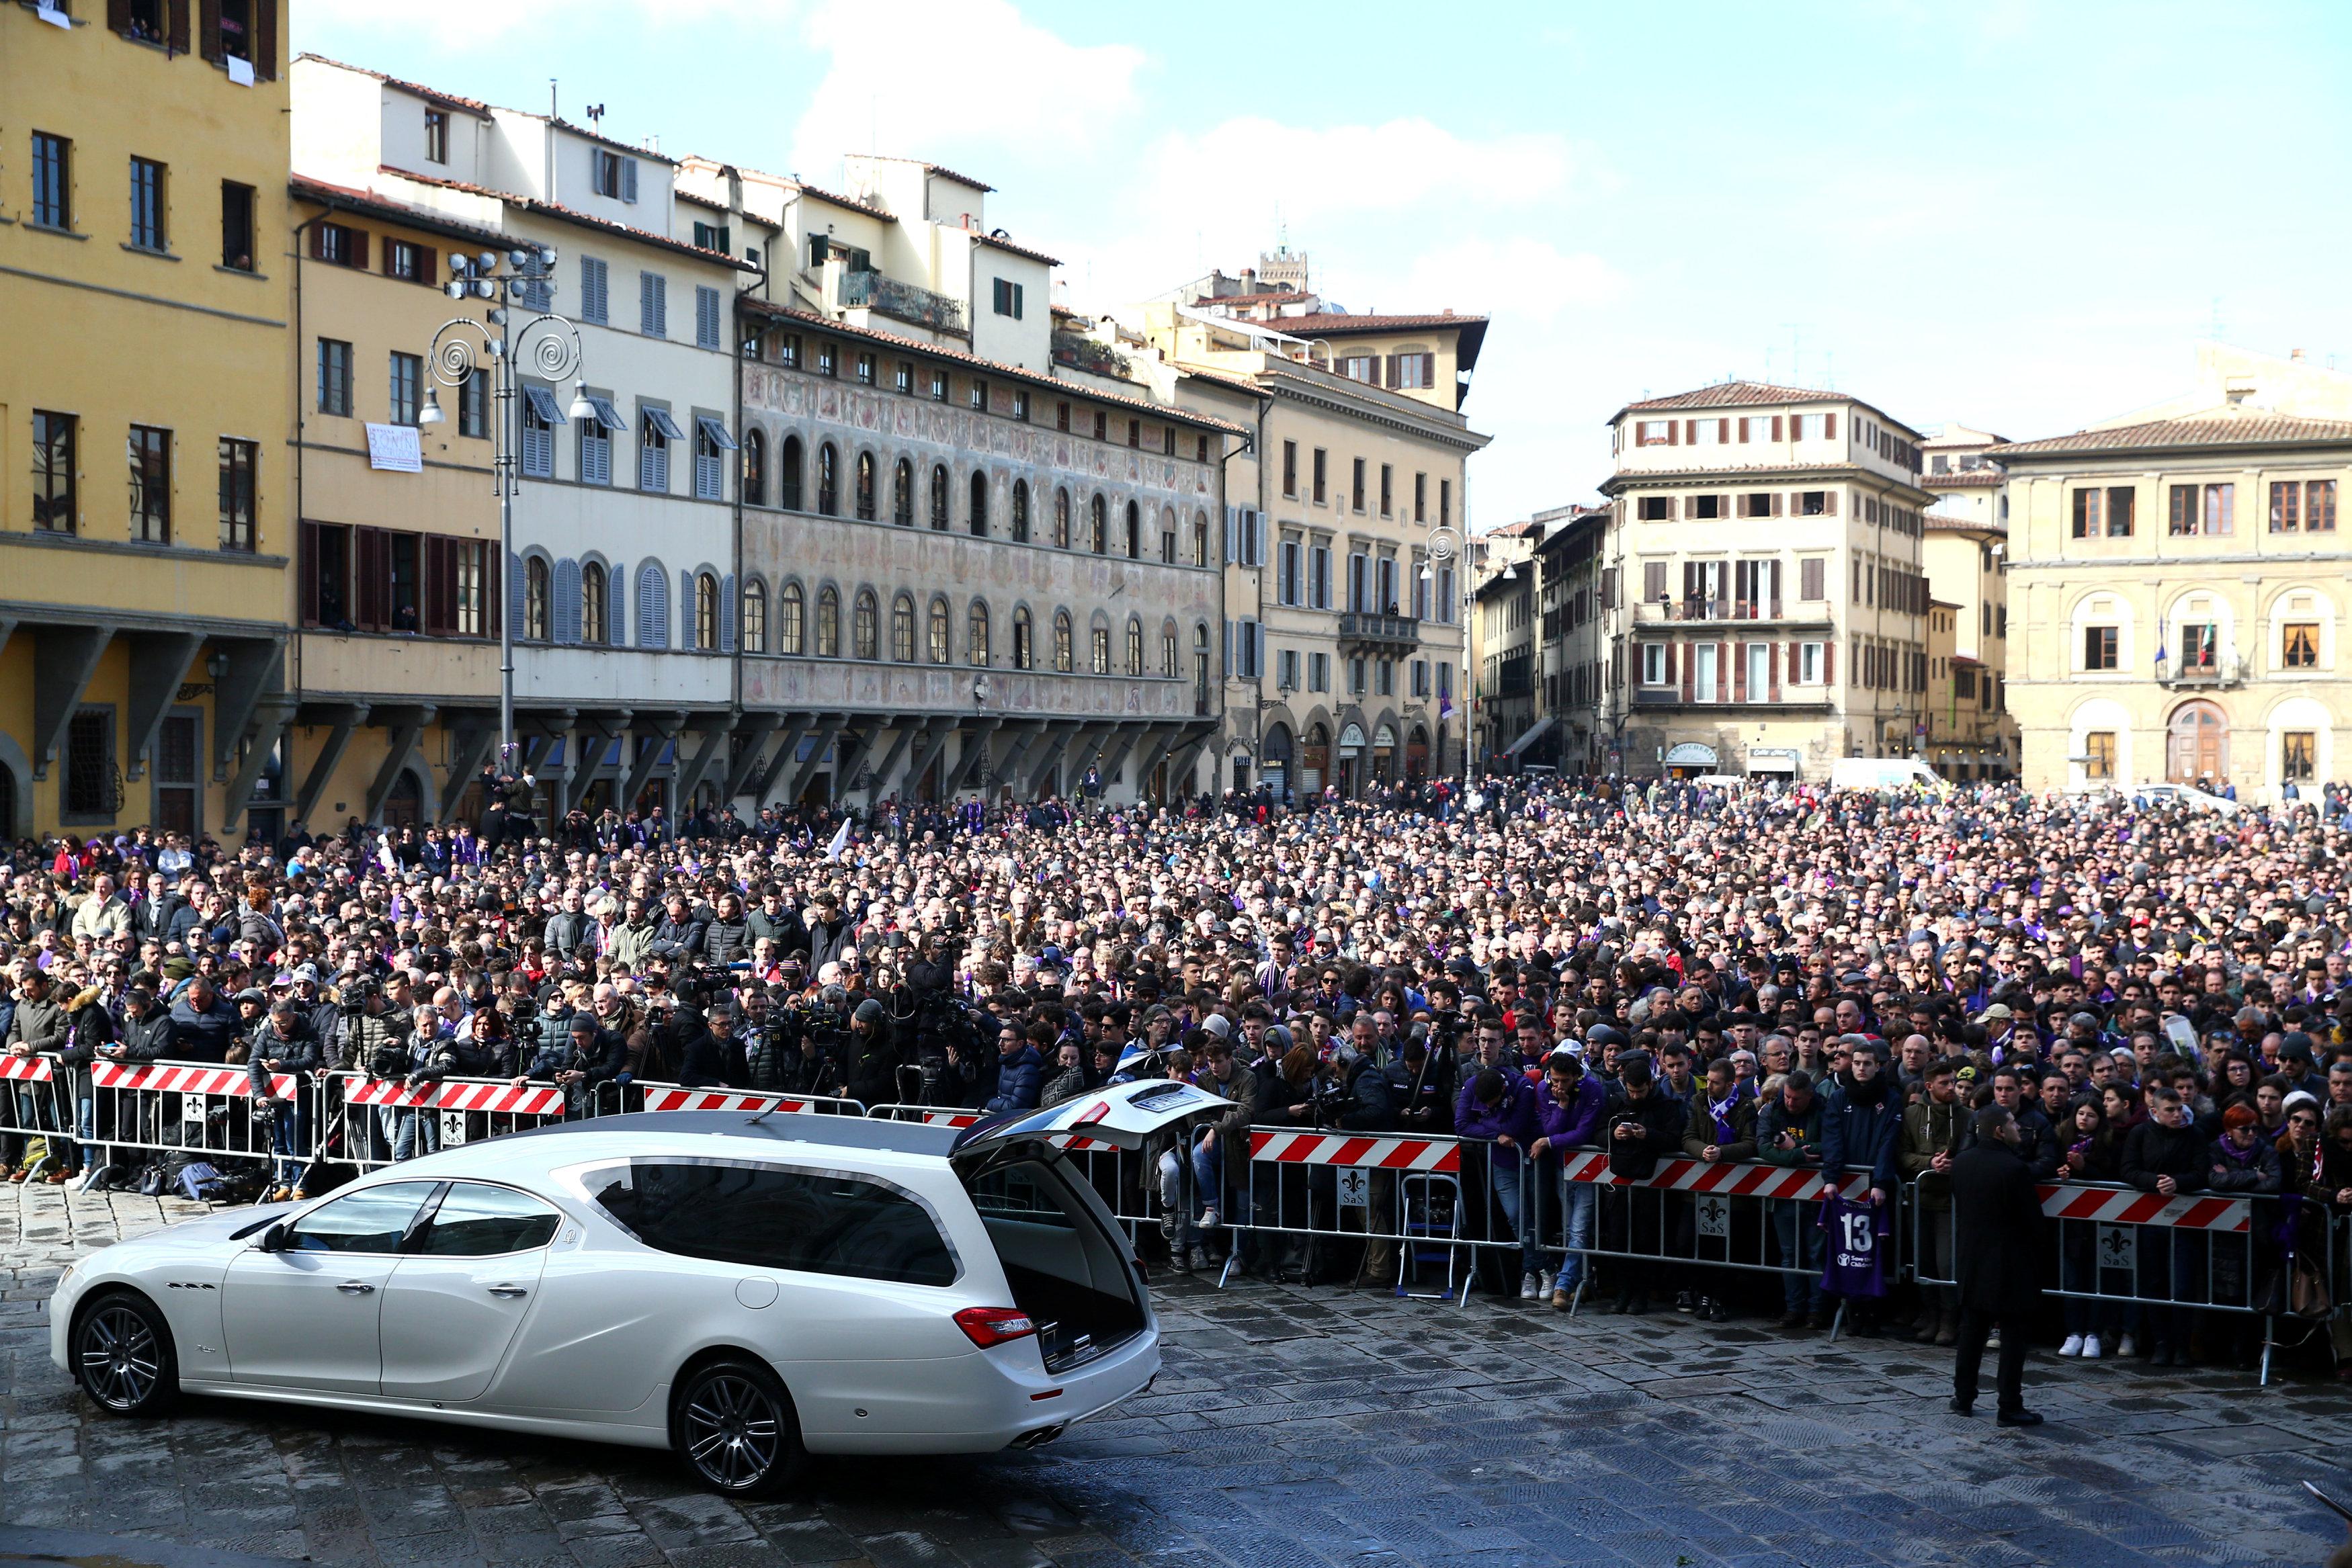 Hàng ngàn người hâm mộ đến đưa tiễn Astori. Ảnh: REUTERS